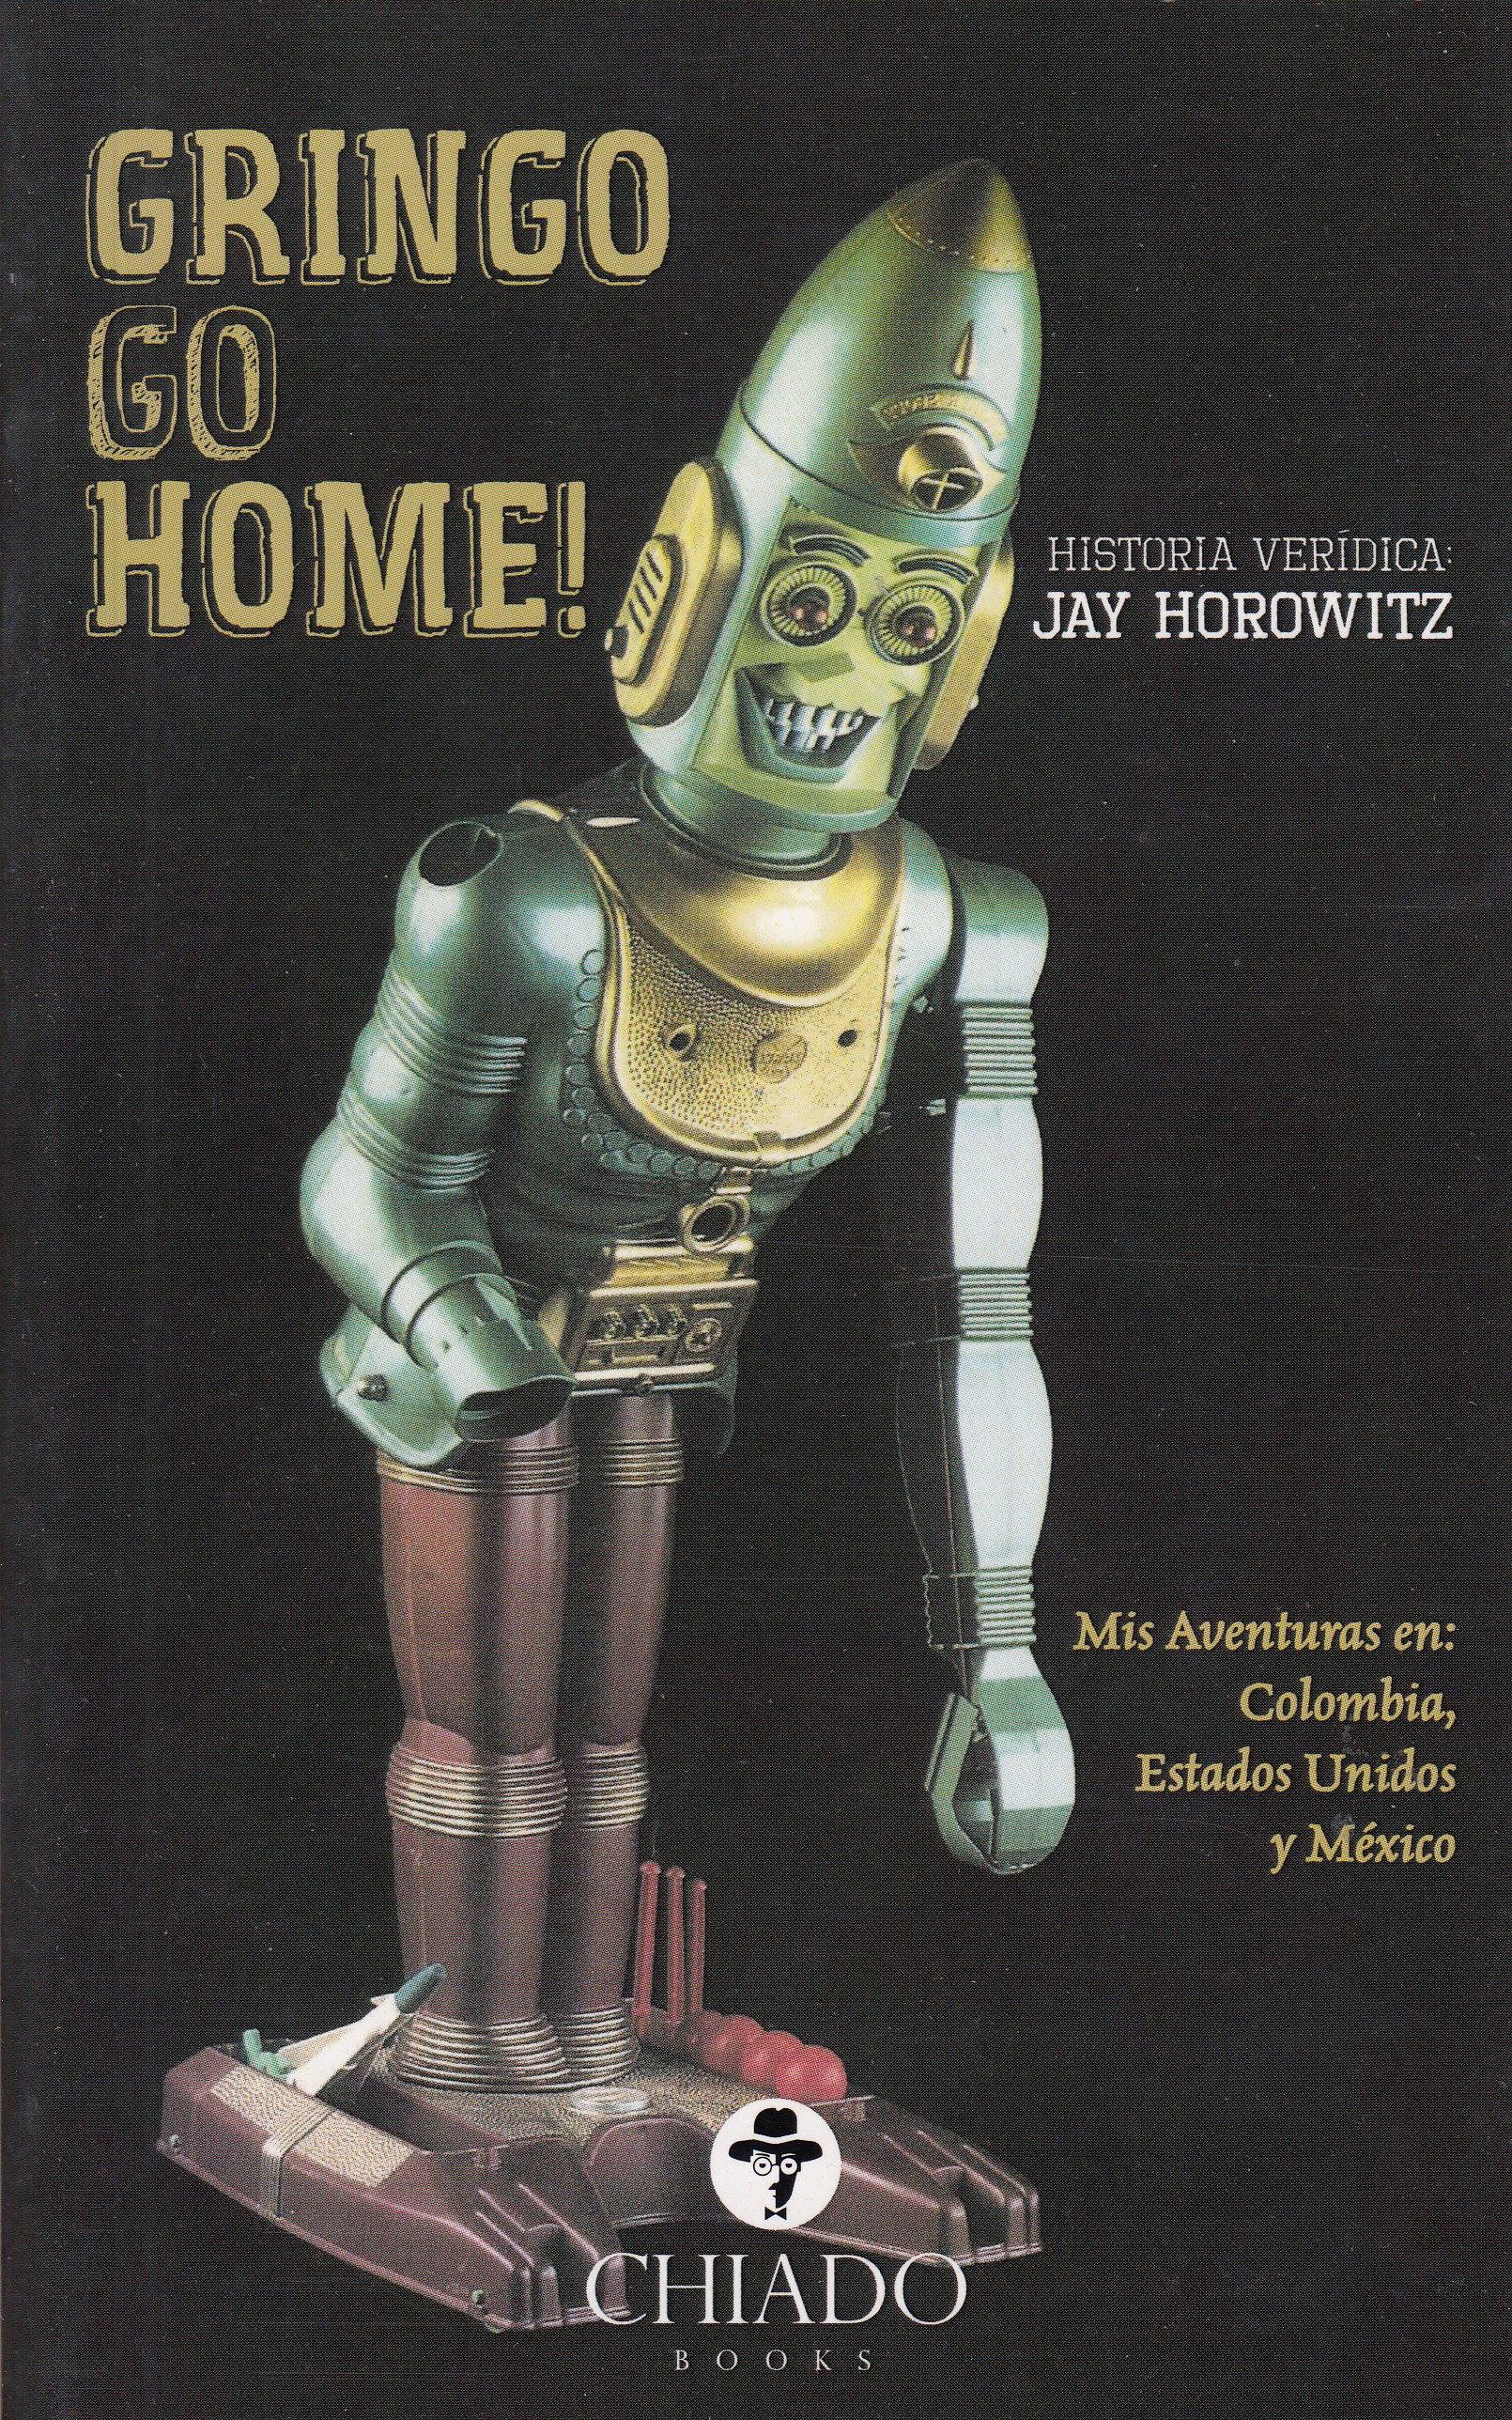 Gringo Go Home! - Horowitz Jay